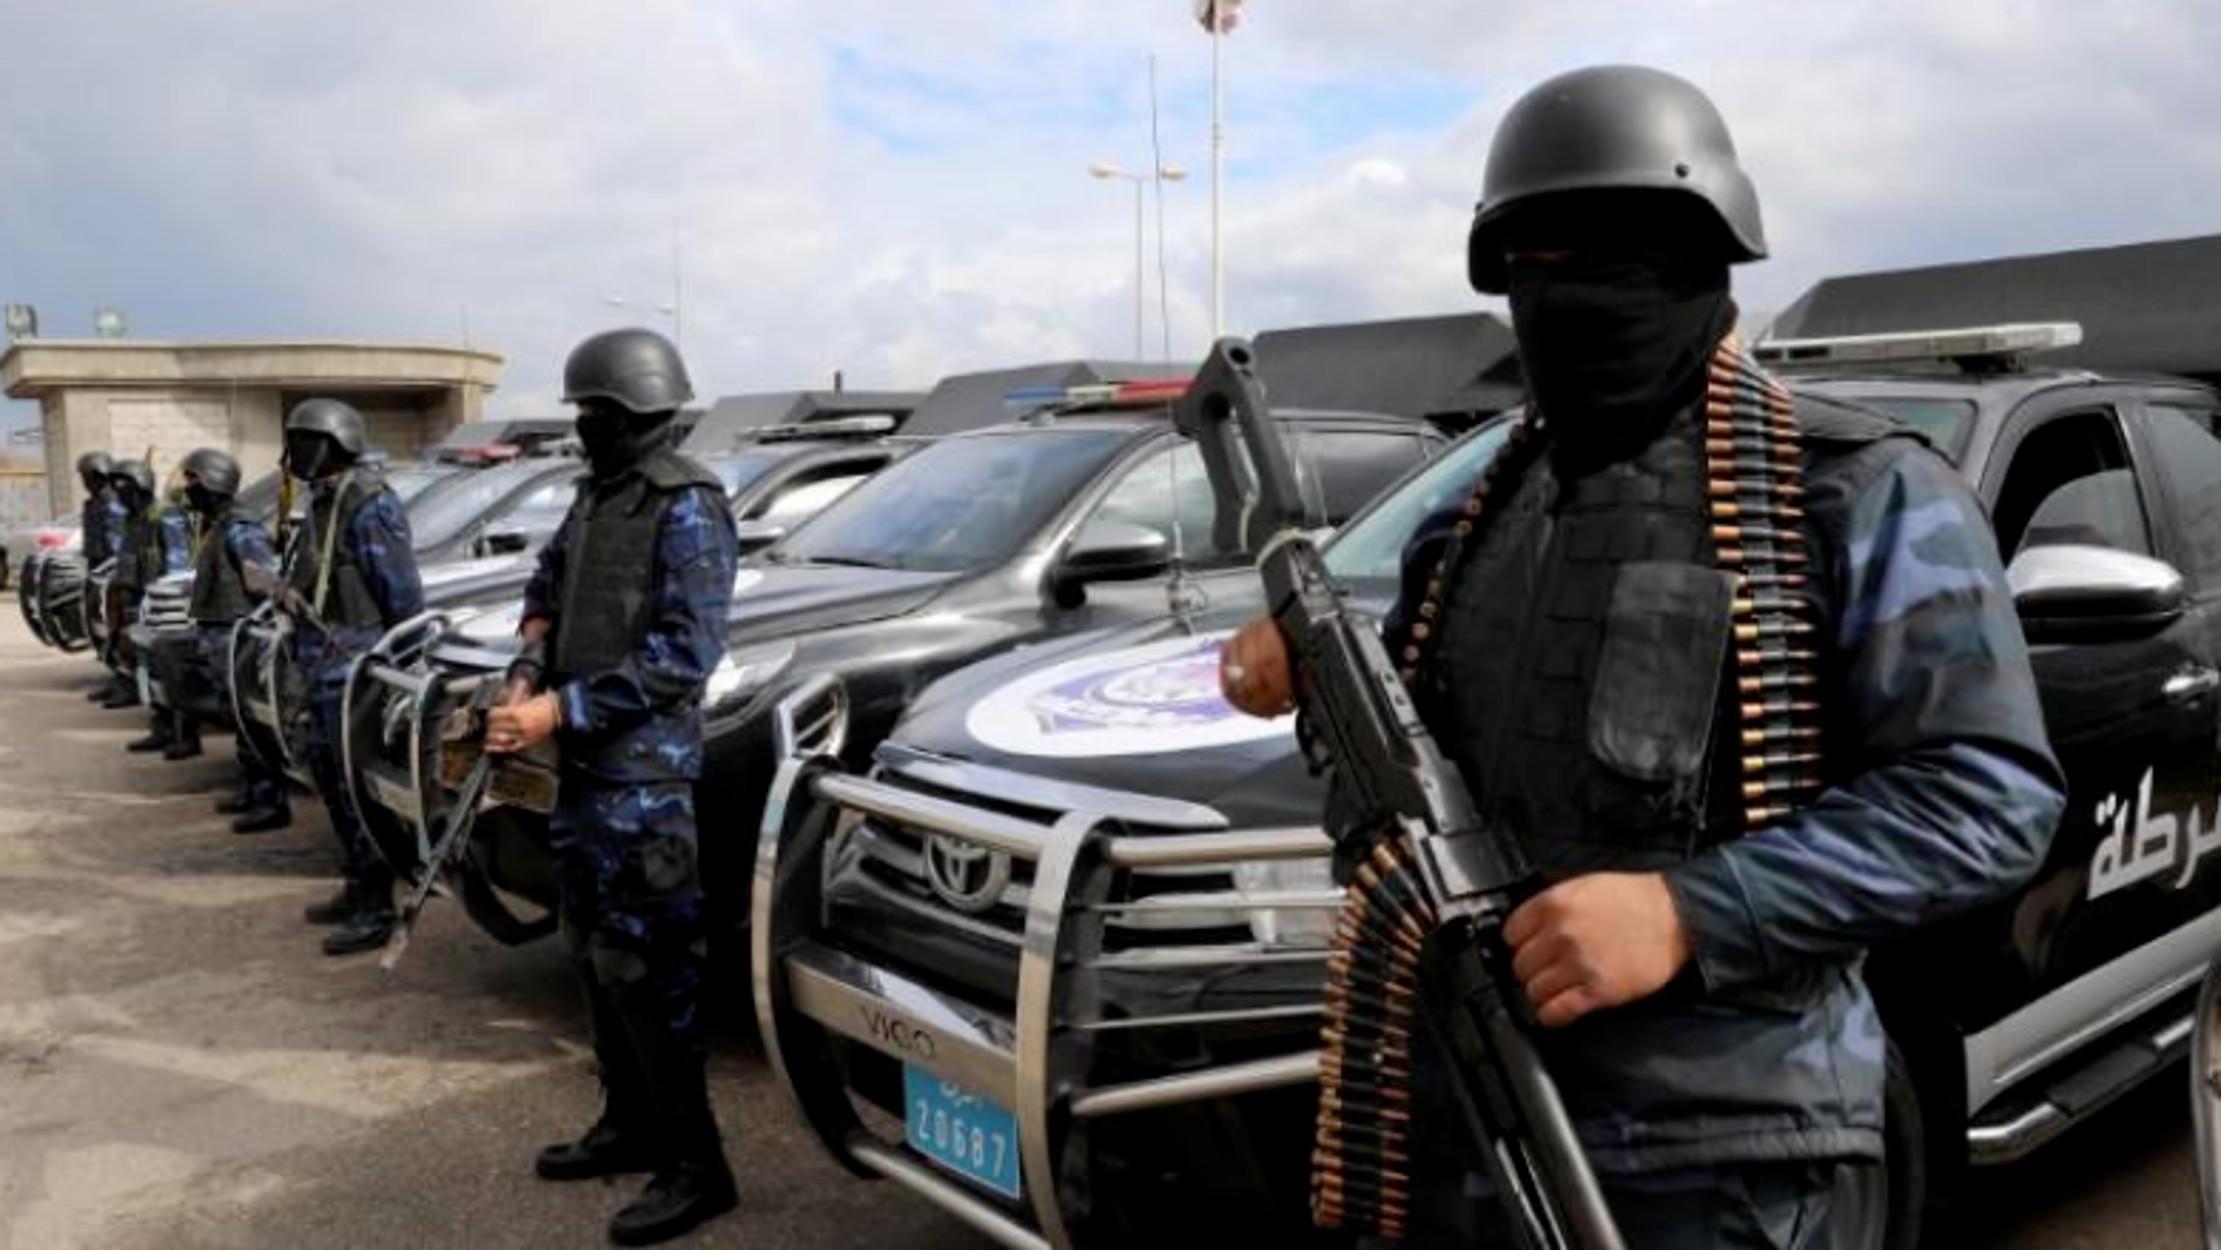 Λιβύη: Έκρηξη στην Σάμπχα – Δύο αστυνομικοί νεκροί